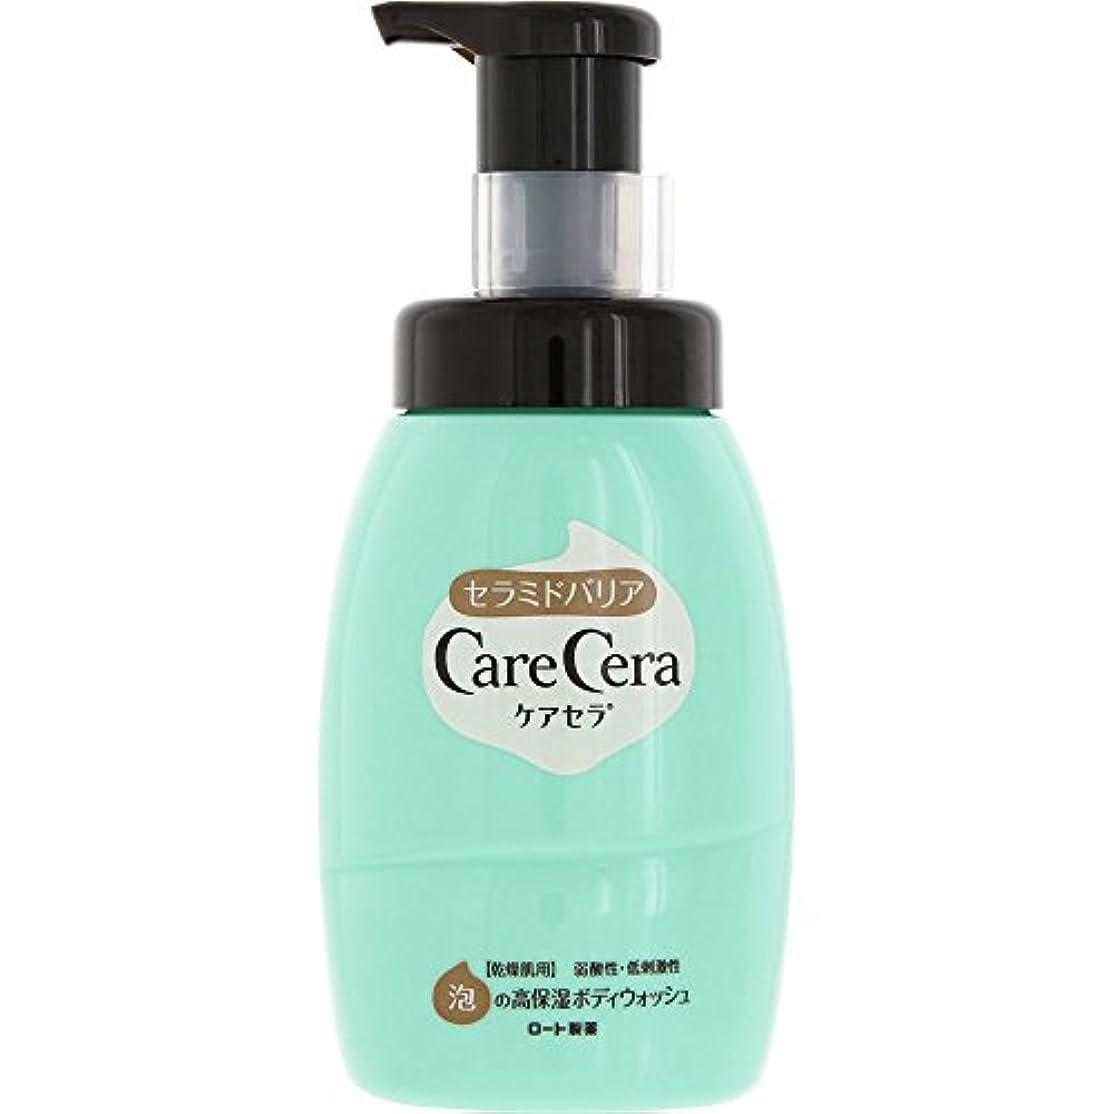 夫婦通知する尊厳ケアセラ(CareCera) ロート製薬 ケアセラ  天然型セラミド7種配合 セラミド濃度10倍泡の高保湿 全身ボディウォッシュ ピュアフローラルの香り お試し企画品 300mL